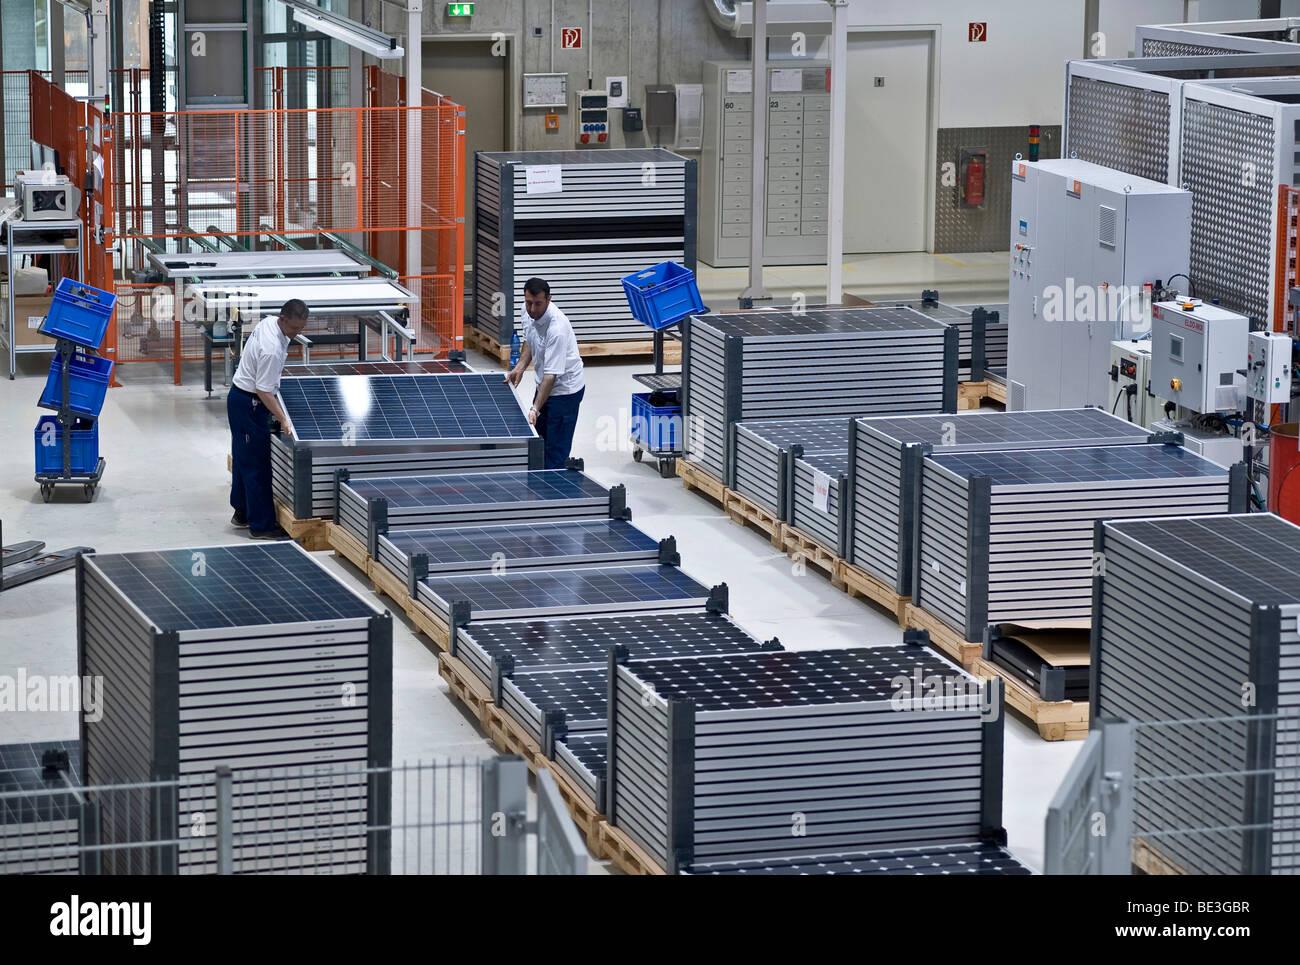 Lagerung, Produktion von Solarmodulen bei SOLON SE, Berlin-Adlershof, Deutschland, Europa Stockbild